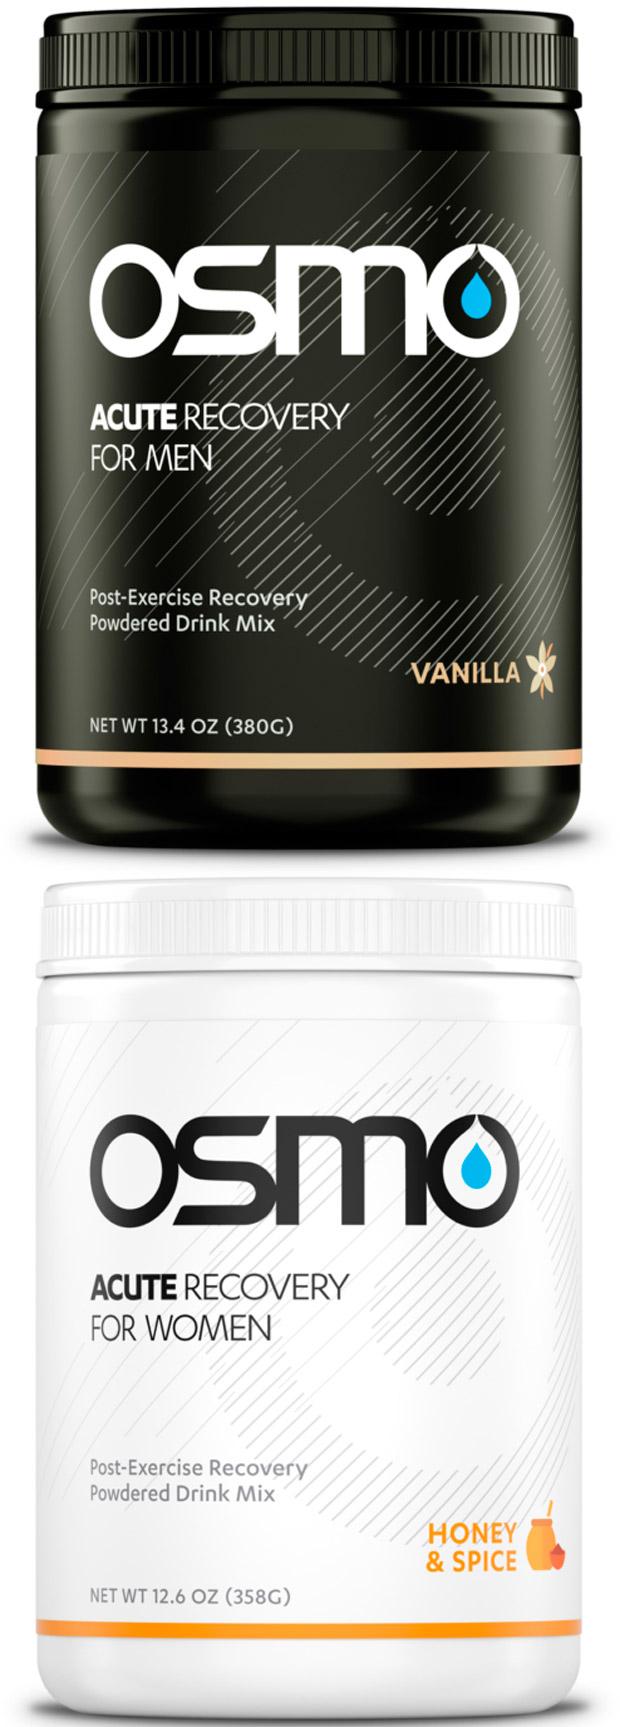 En TodoMountainBike: Los productos de Osmo Nutrition, la marca predilecta de Peter Sagan, ya a la venta